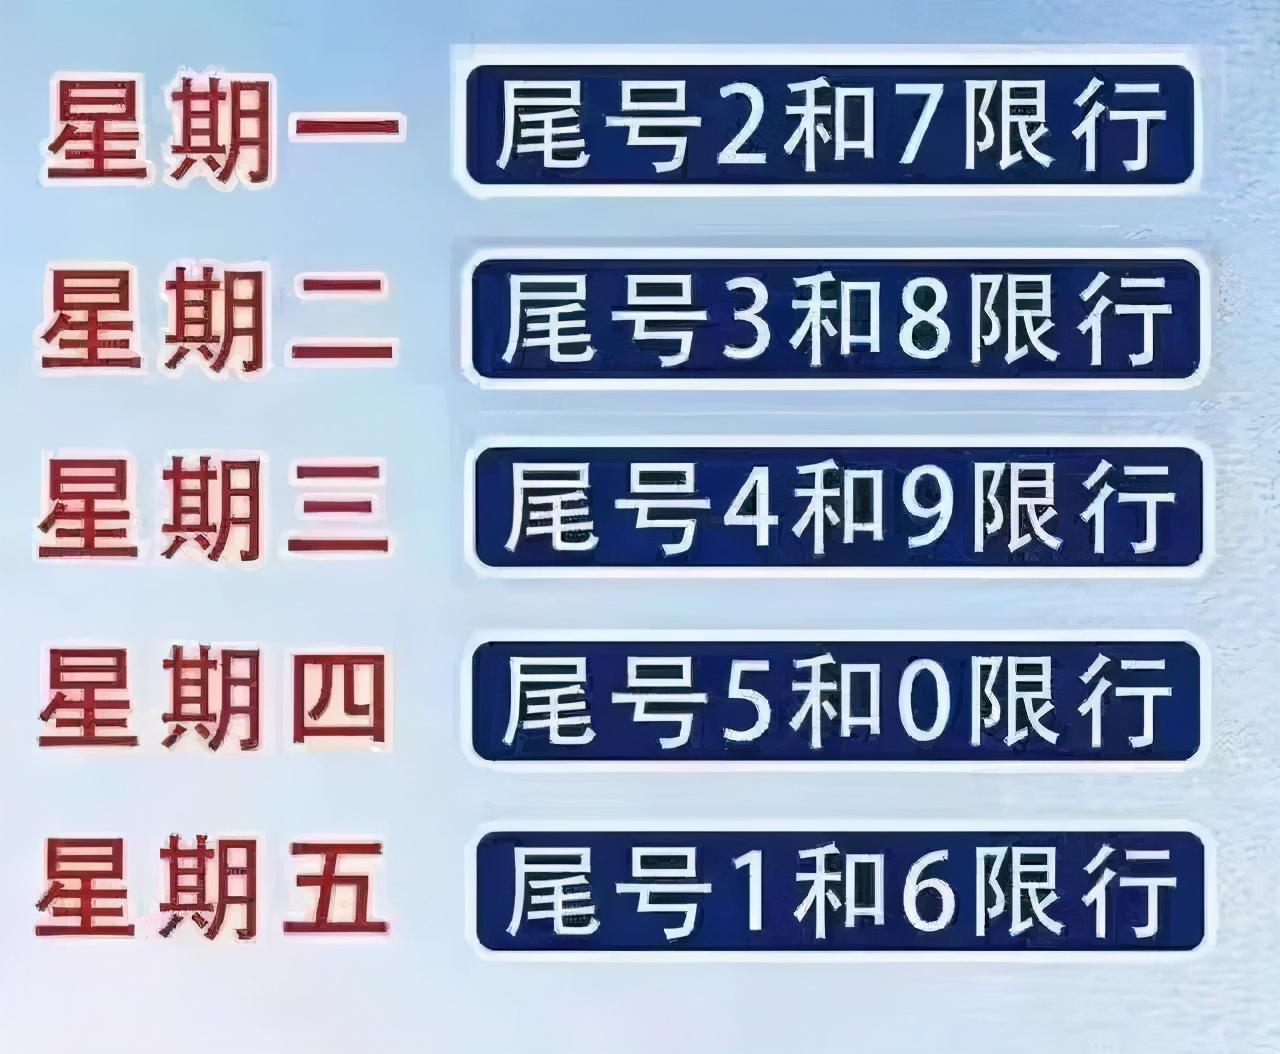 北京车辆限行什么时候开始(北京限行时间2021最新规定)